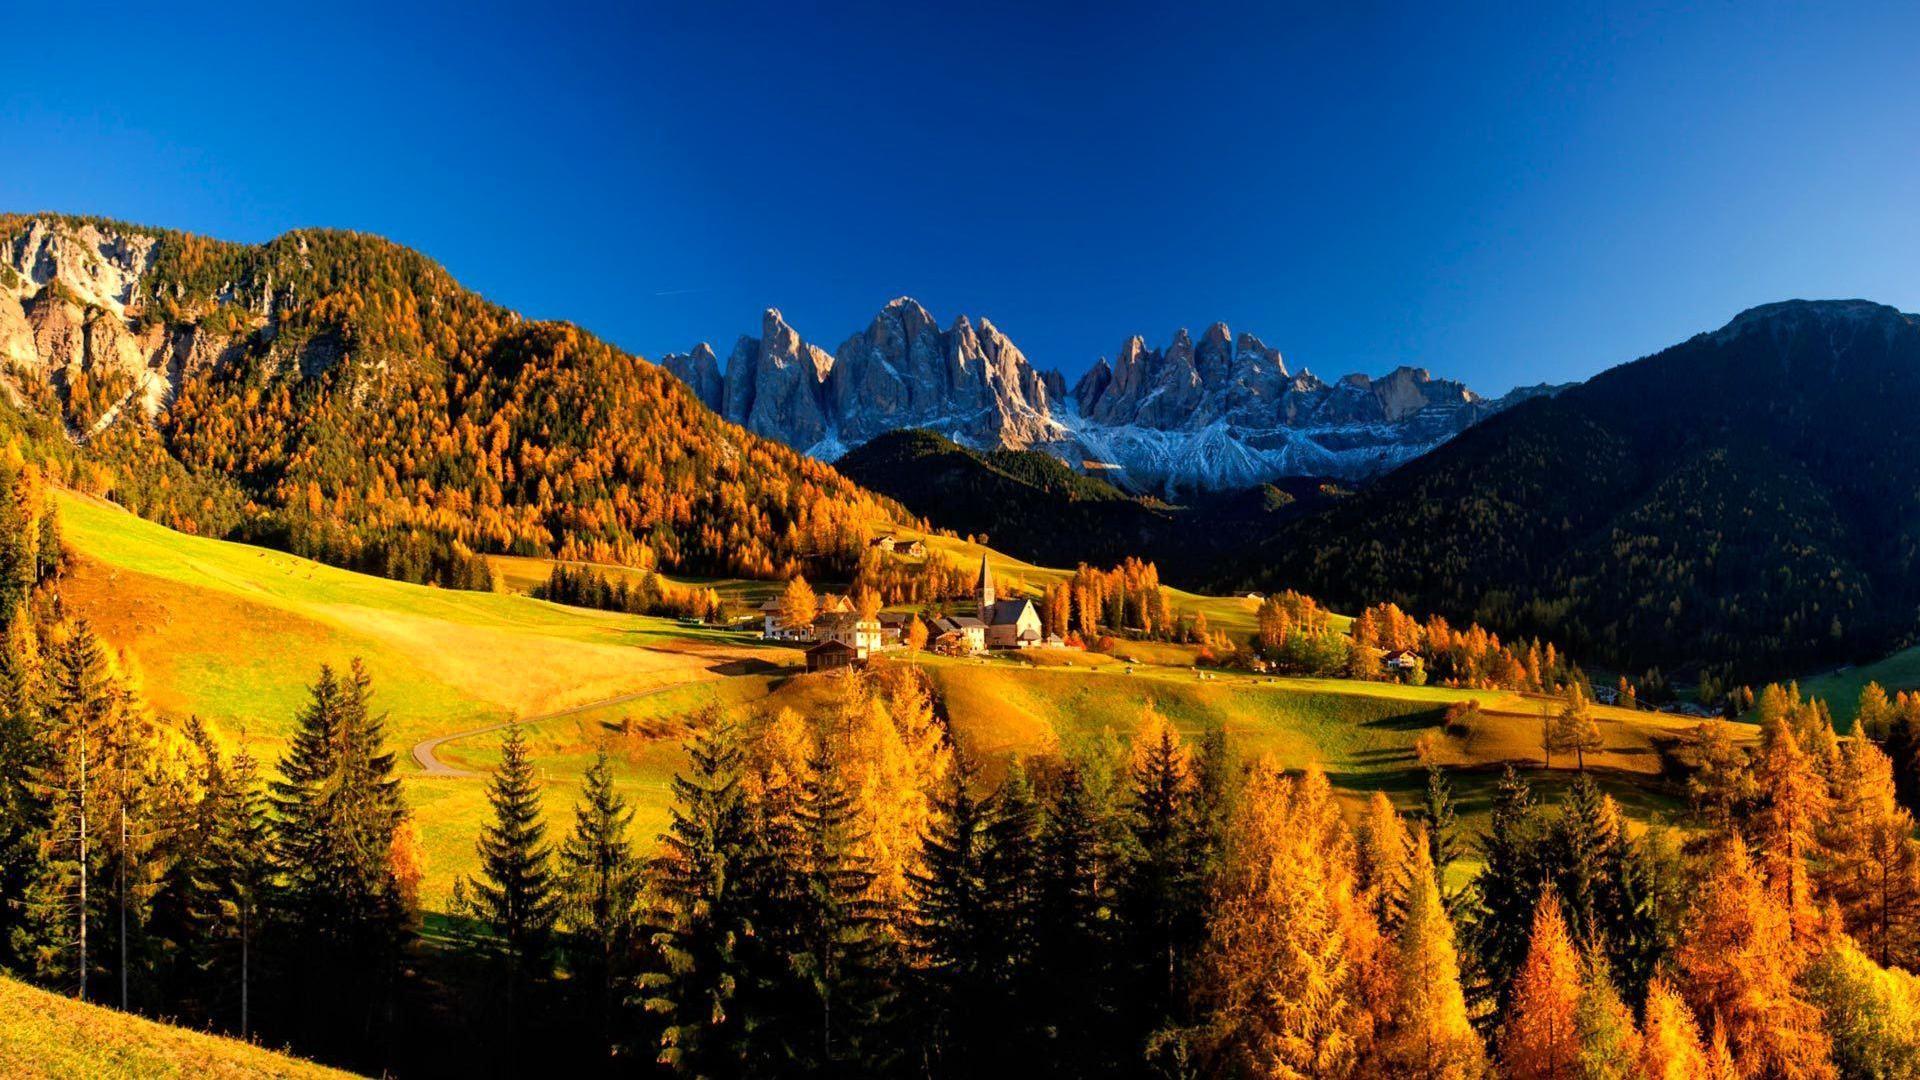 … mountain village in autumn wallpapers hd desktop wallpapers hd 4k; fall  …